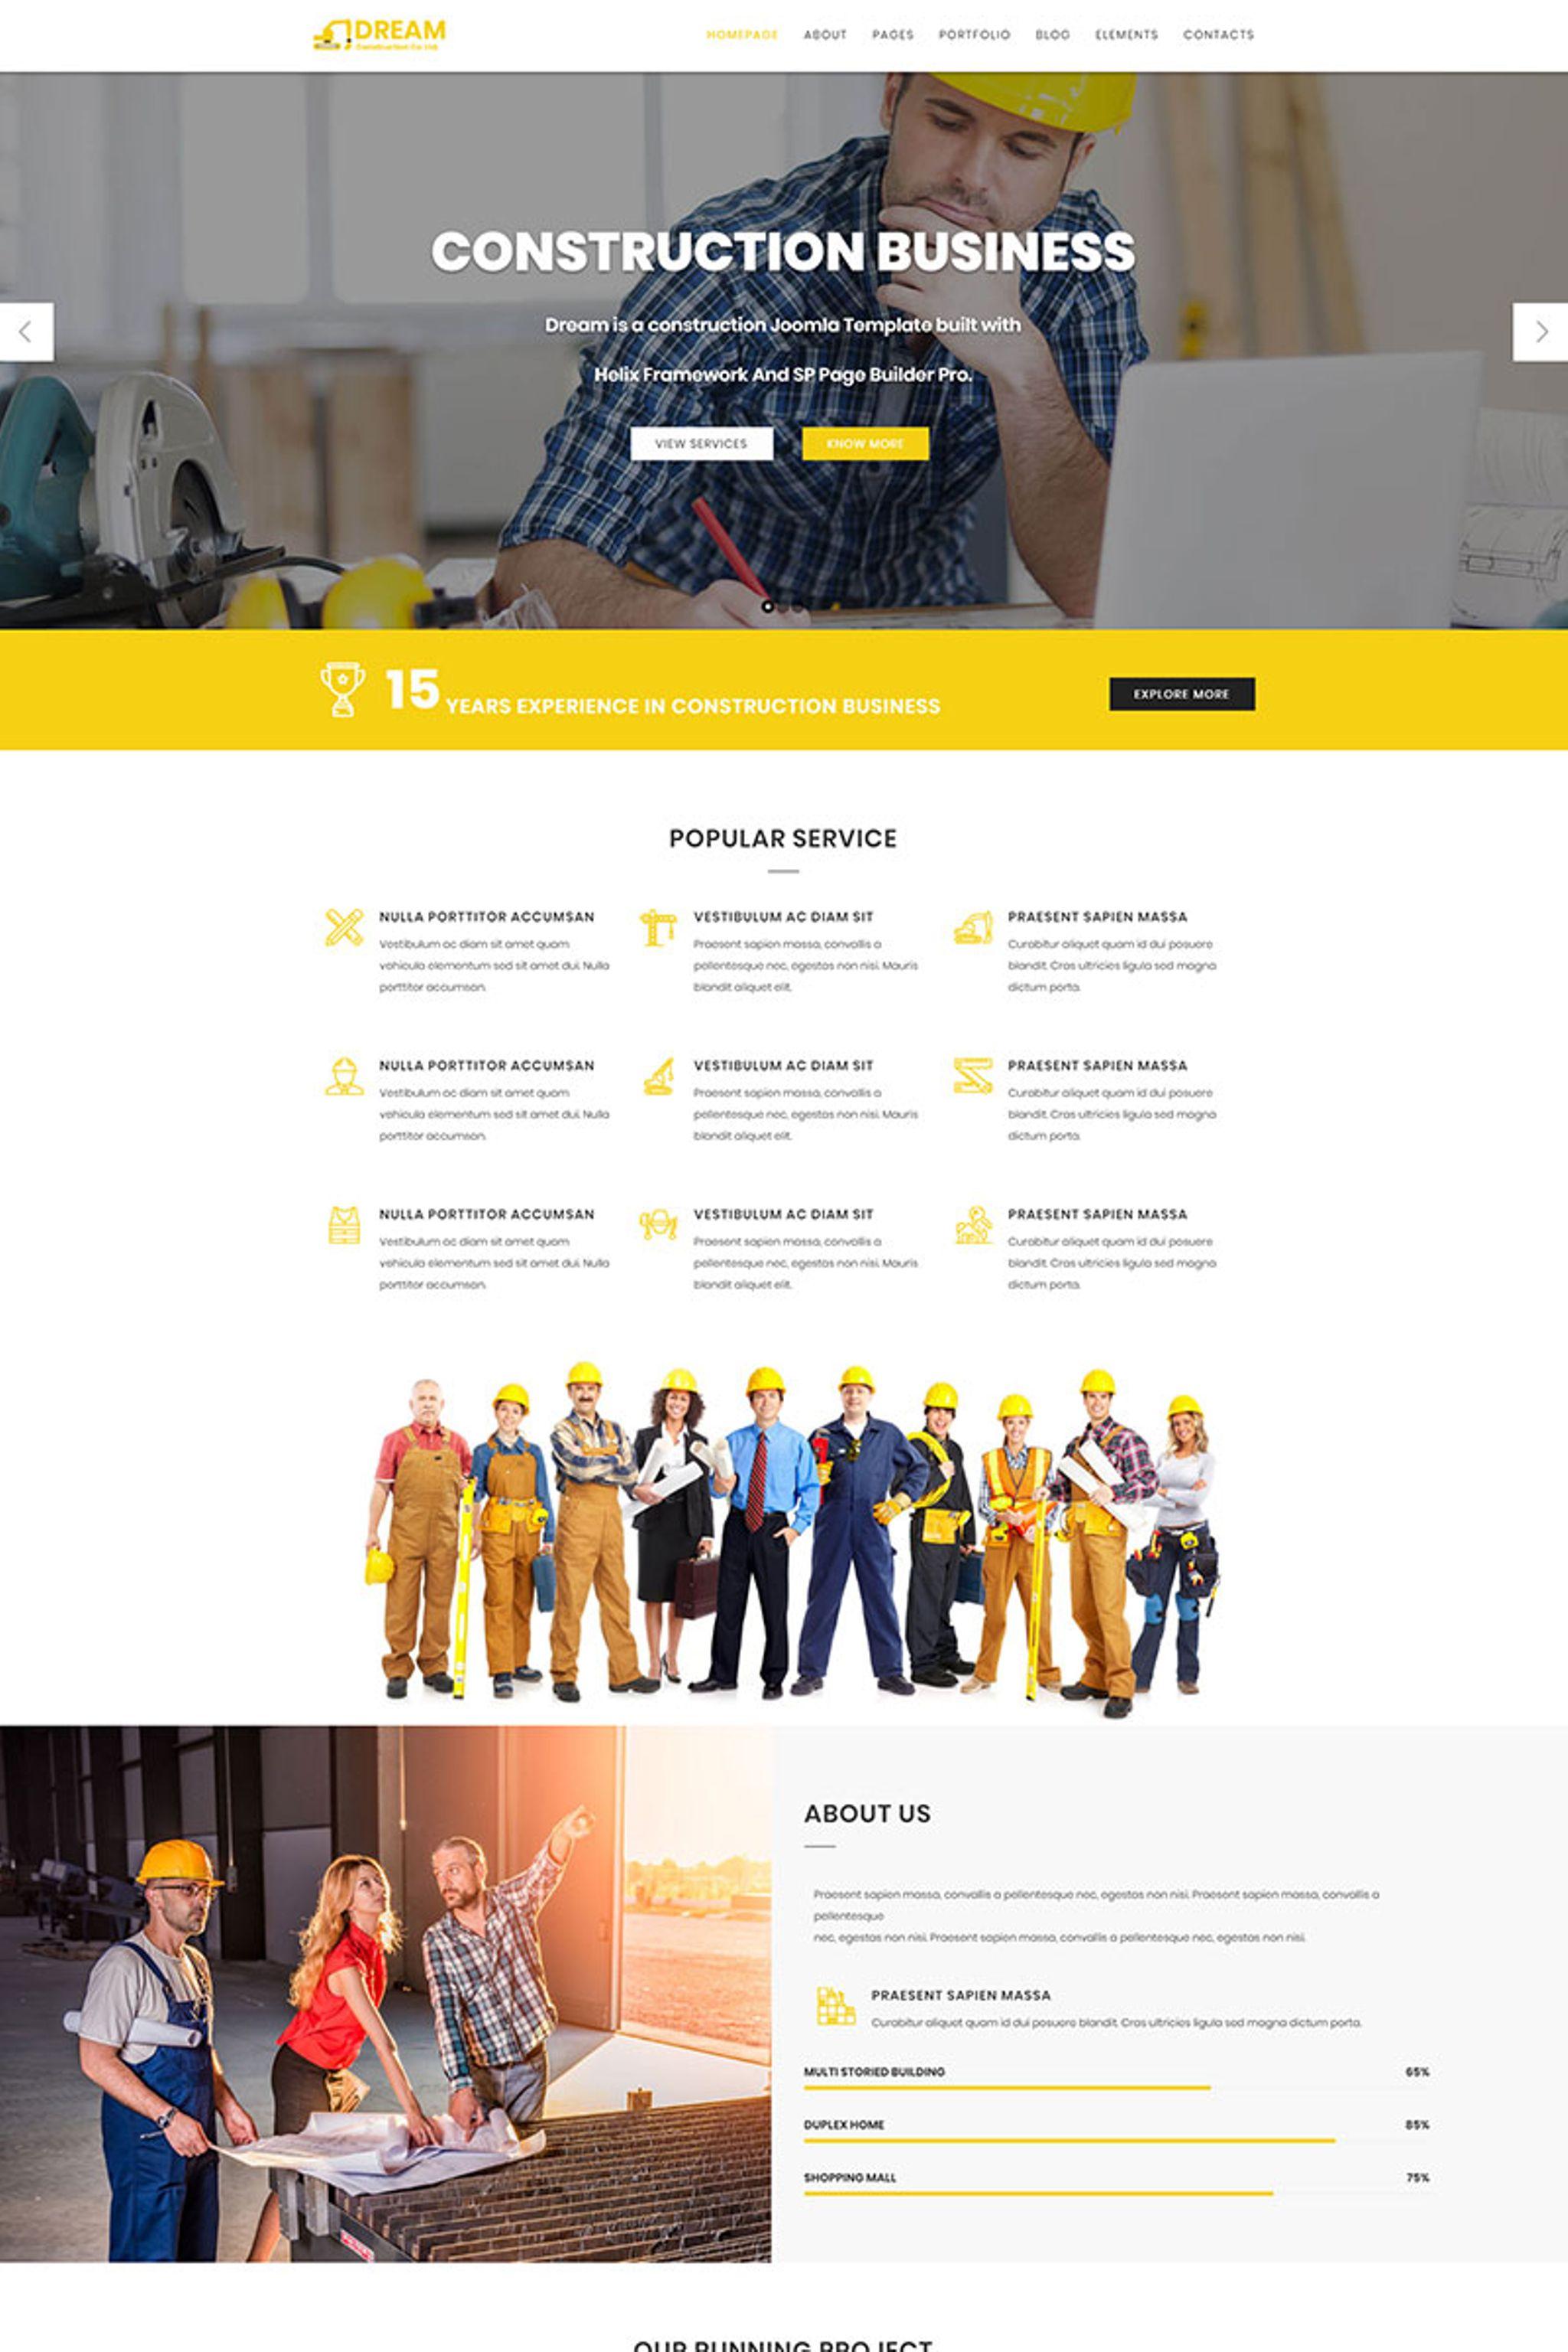 Responsywny szablon Joomla Dream - Construction #66014 - zrzut ekranu